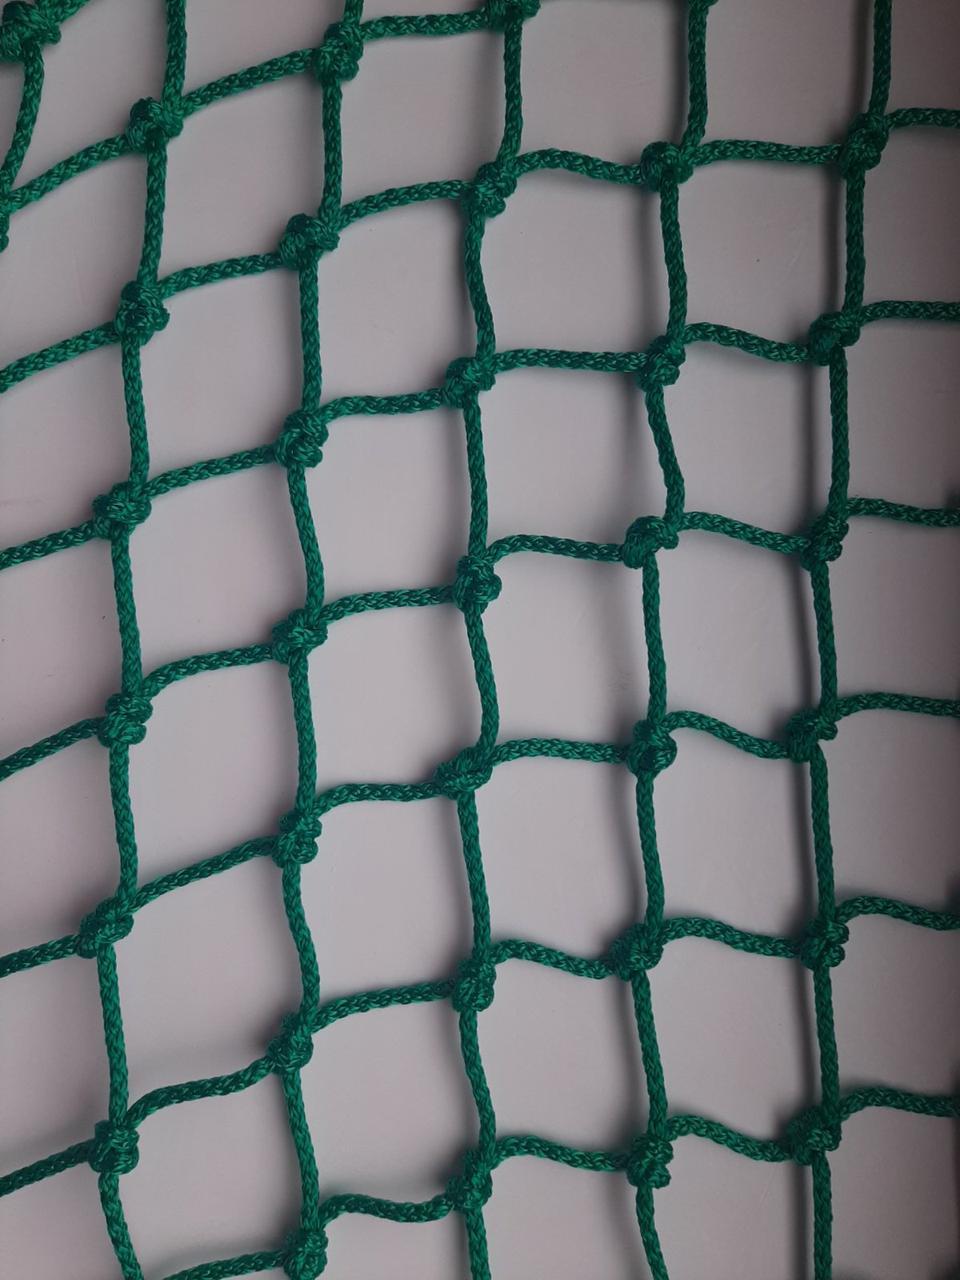 Загороджувальна сітка д 3,5 осередок 15 огороджувальна сітка захисна сітка.